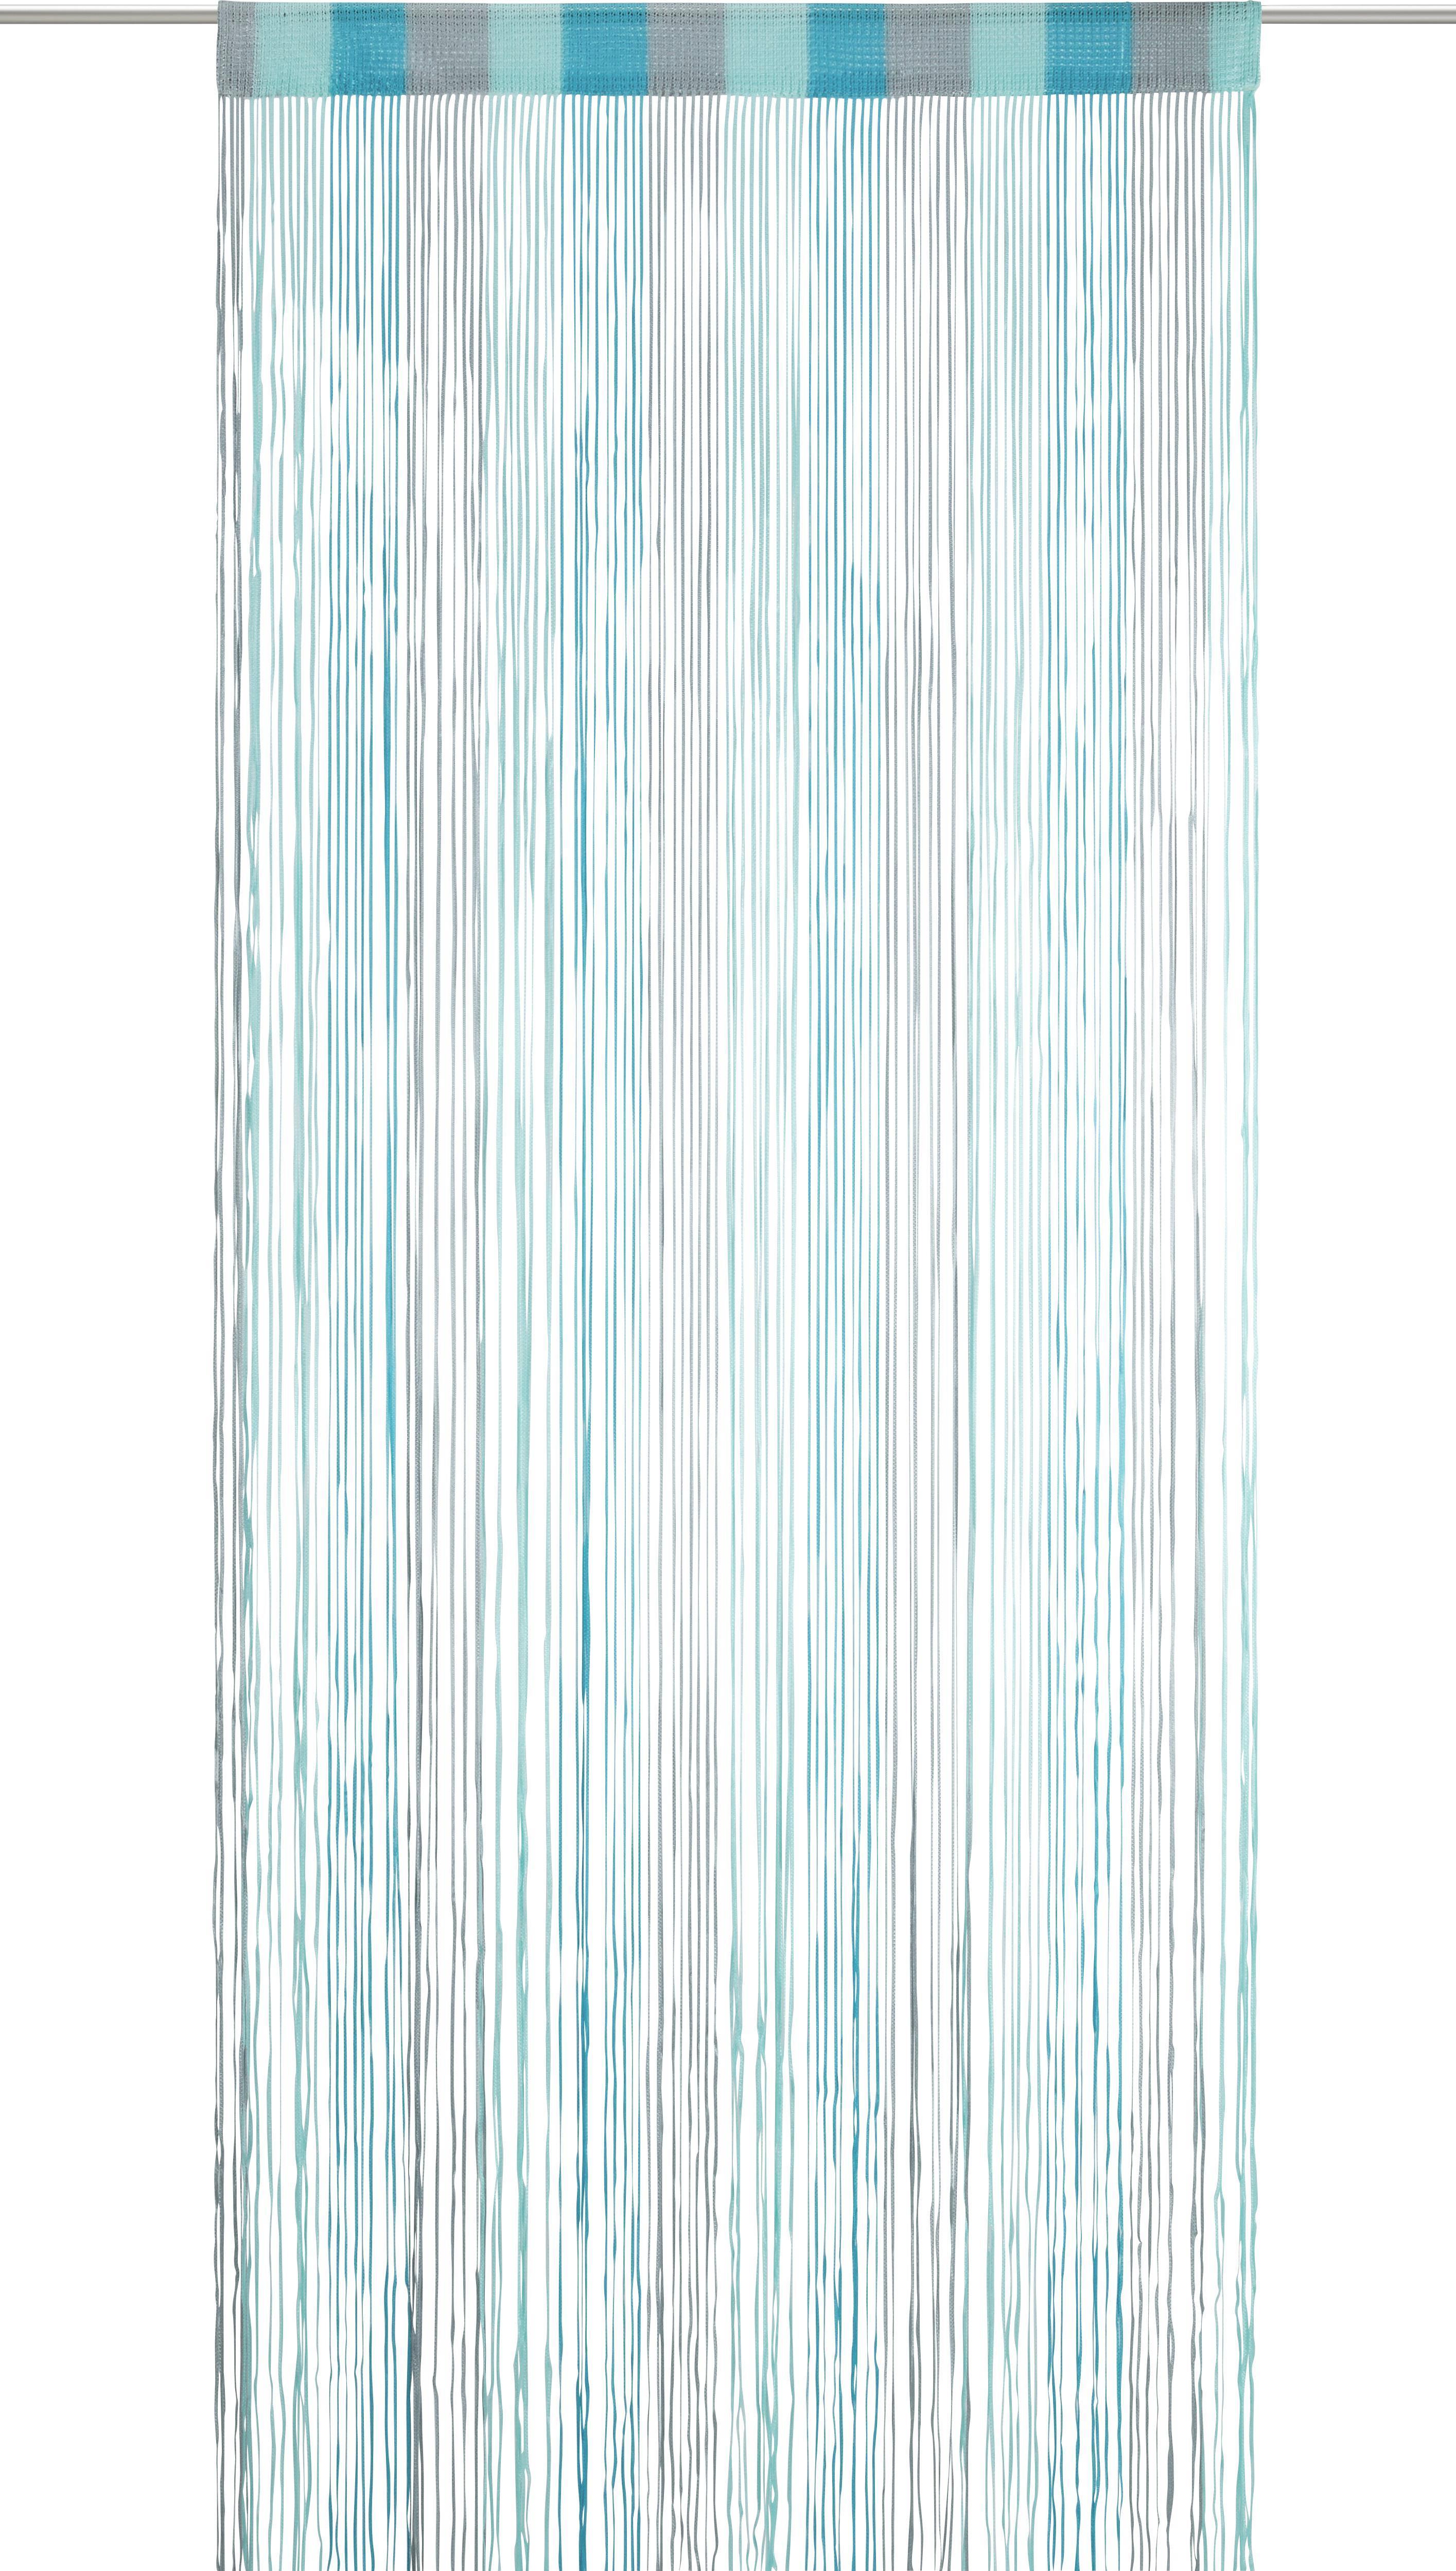 Zsinórfüggöny String - türkiz/kék, textil (90/245cm) - MÖMAX modern living